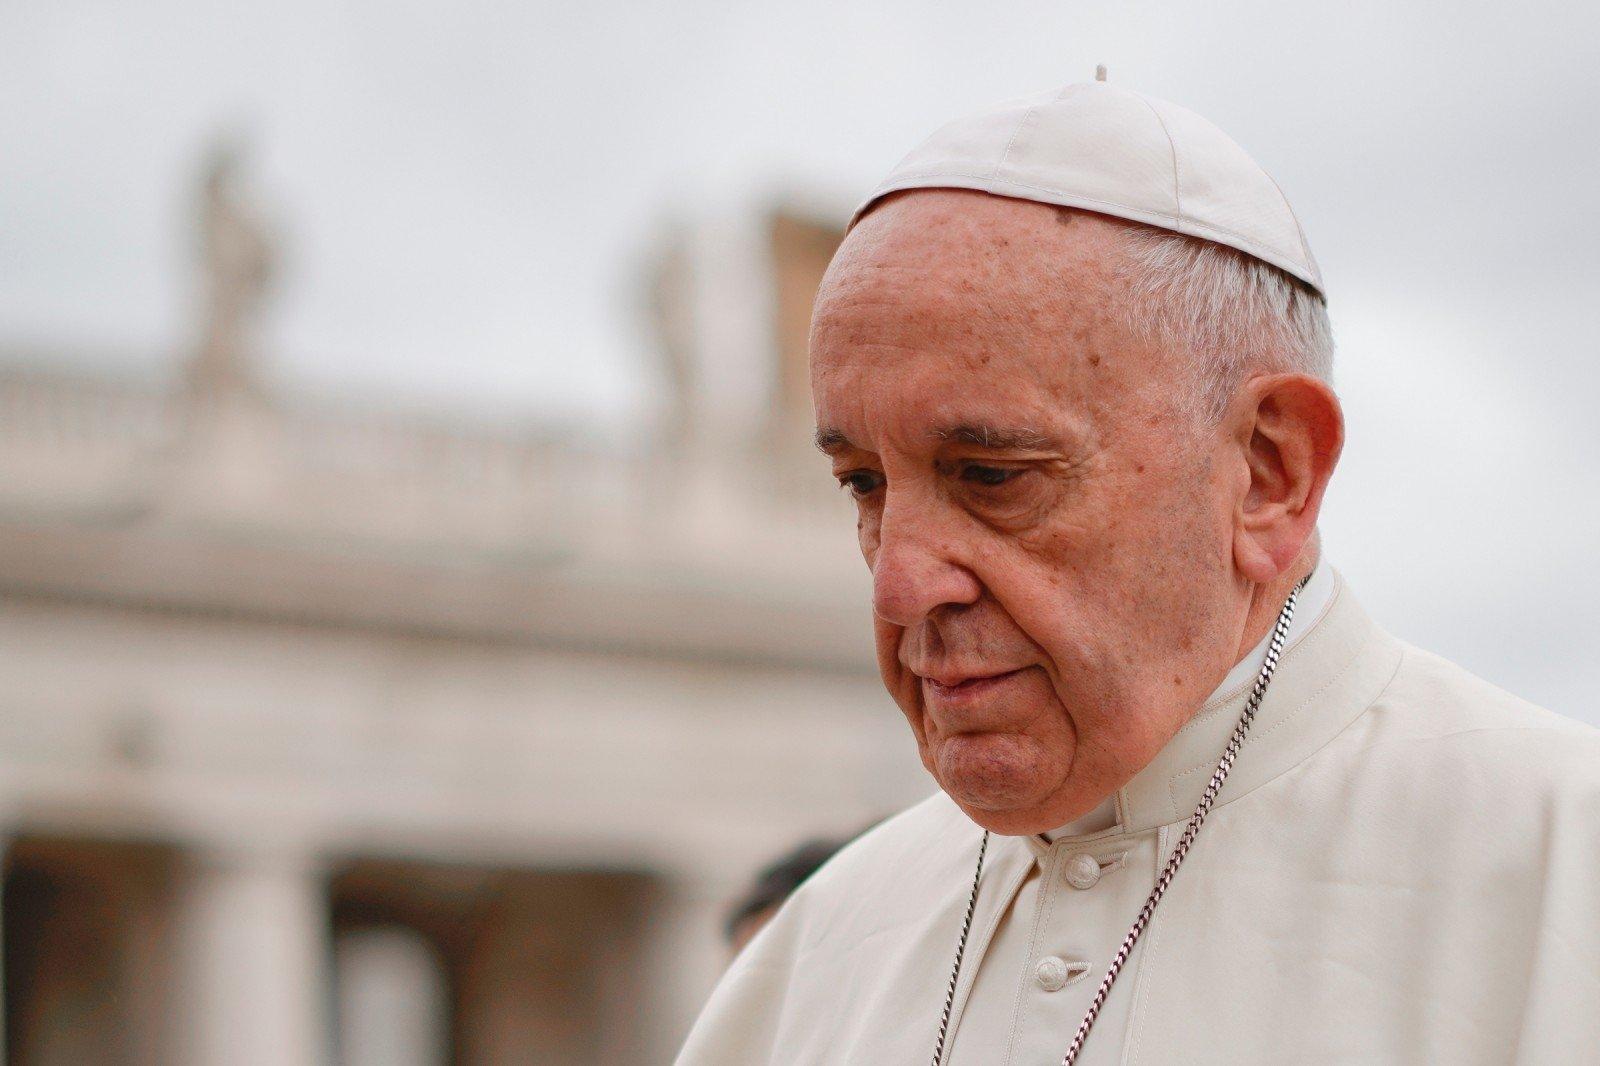 Программа Апостольского визита Папы Франциска в страны Балтии